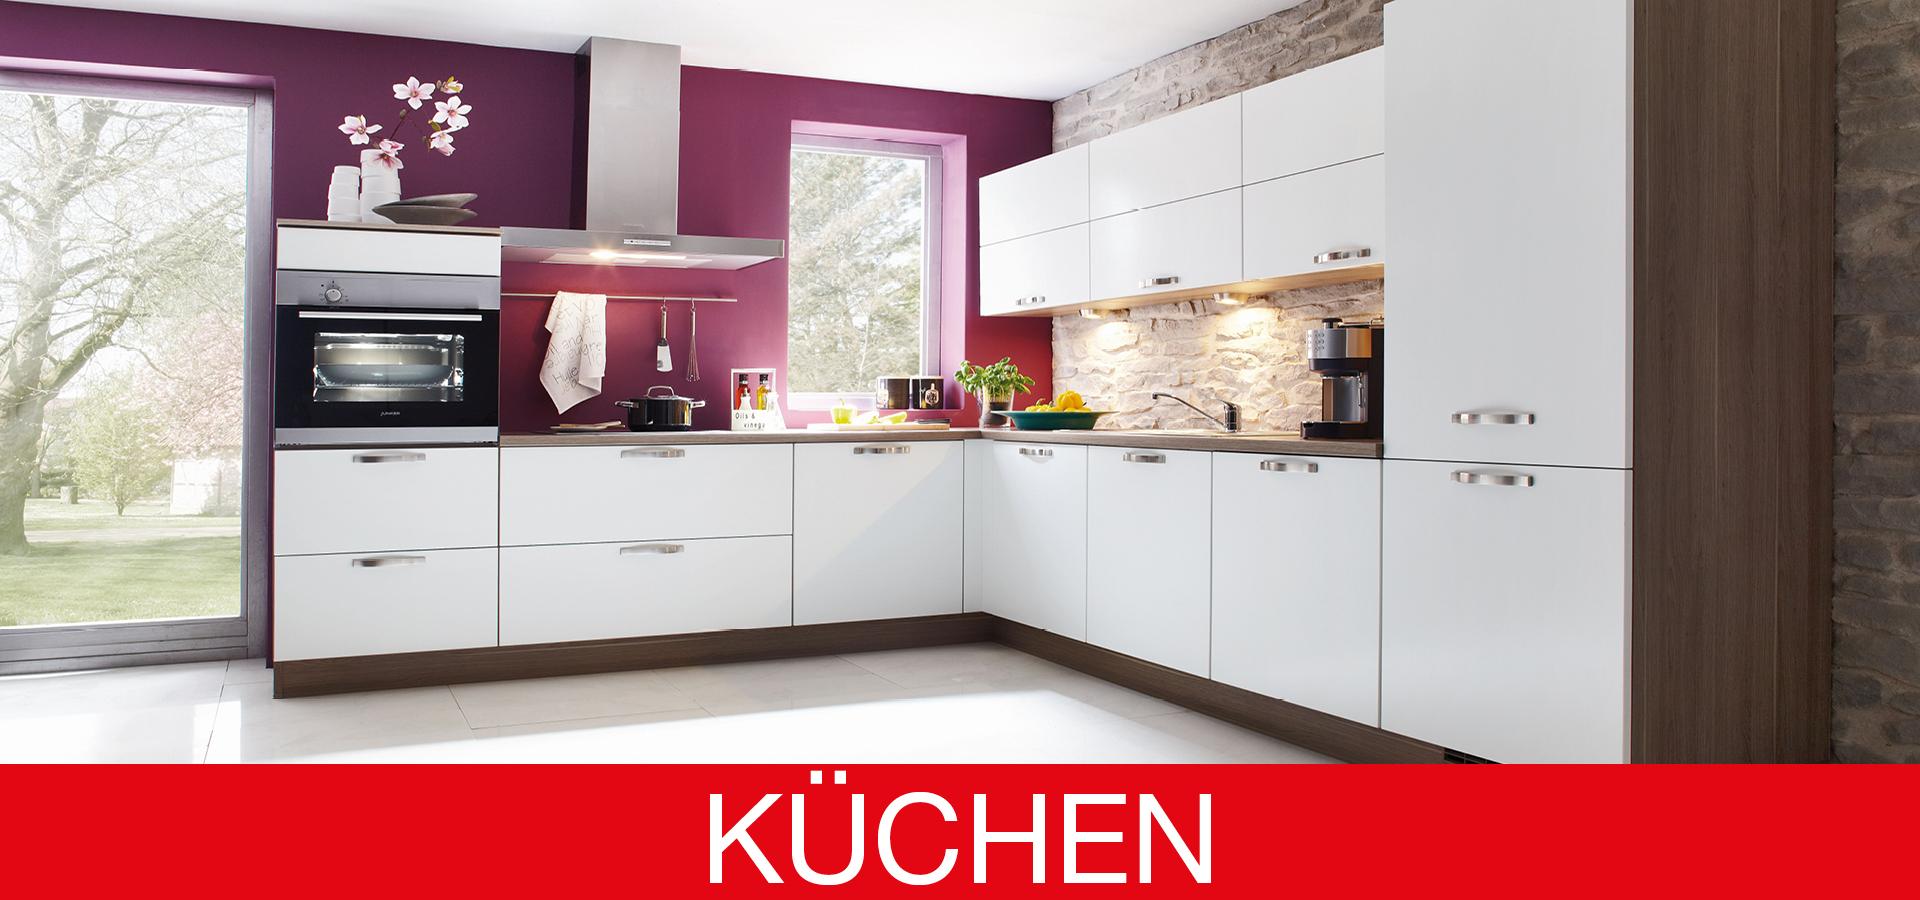 Full Size of Komplettküche Kaufen Respekta Küche Küchenzeile Küchenblock Einbauküche Komplettküche Weiß 320 Cm Willhaben Komplettküche Komplettküche Mit Elektrogeräten Küche Einbauküche Ohne Kühlschrank